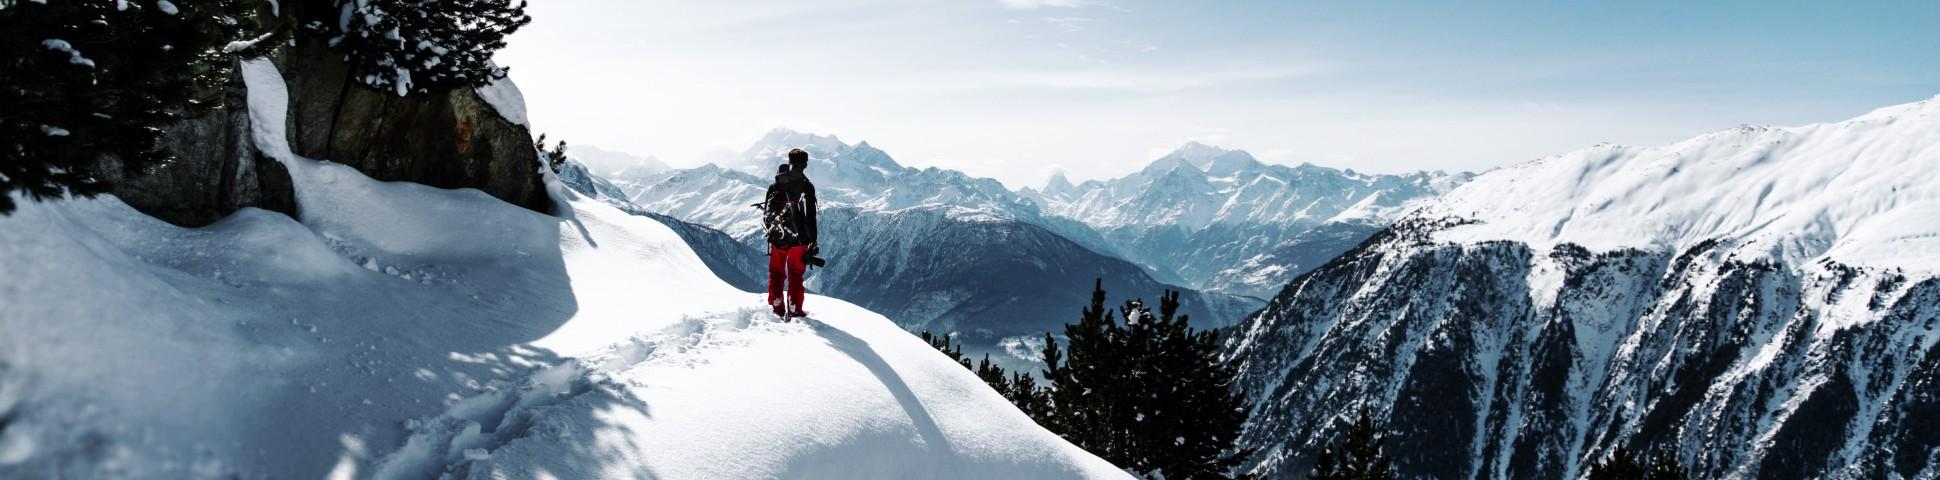 Hiker walking on powdery snow